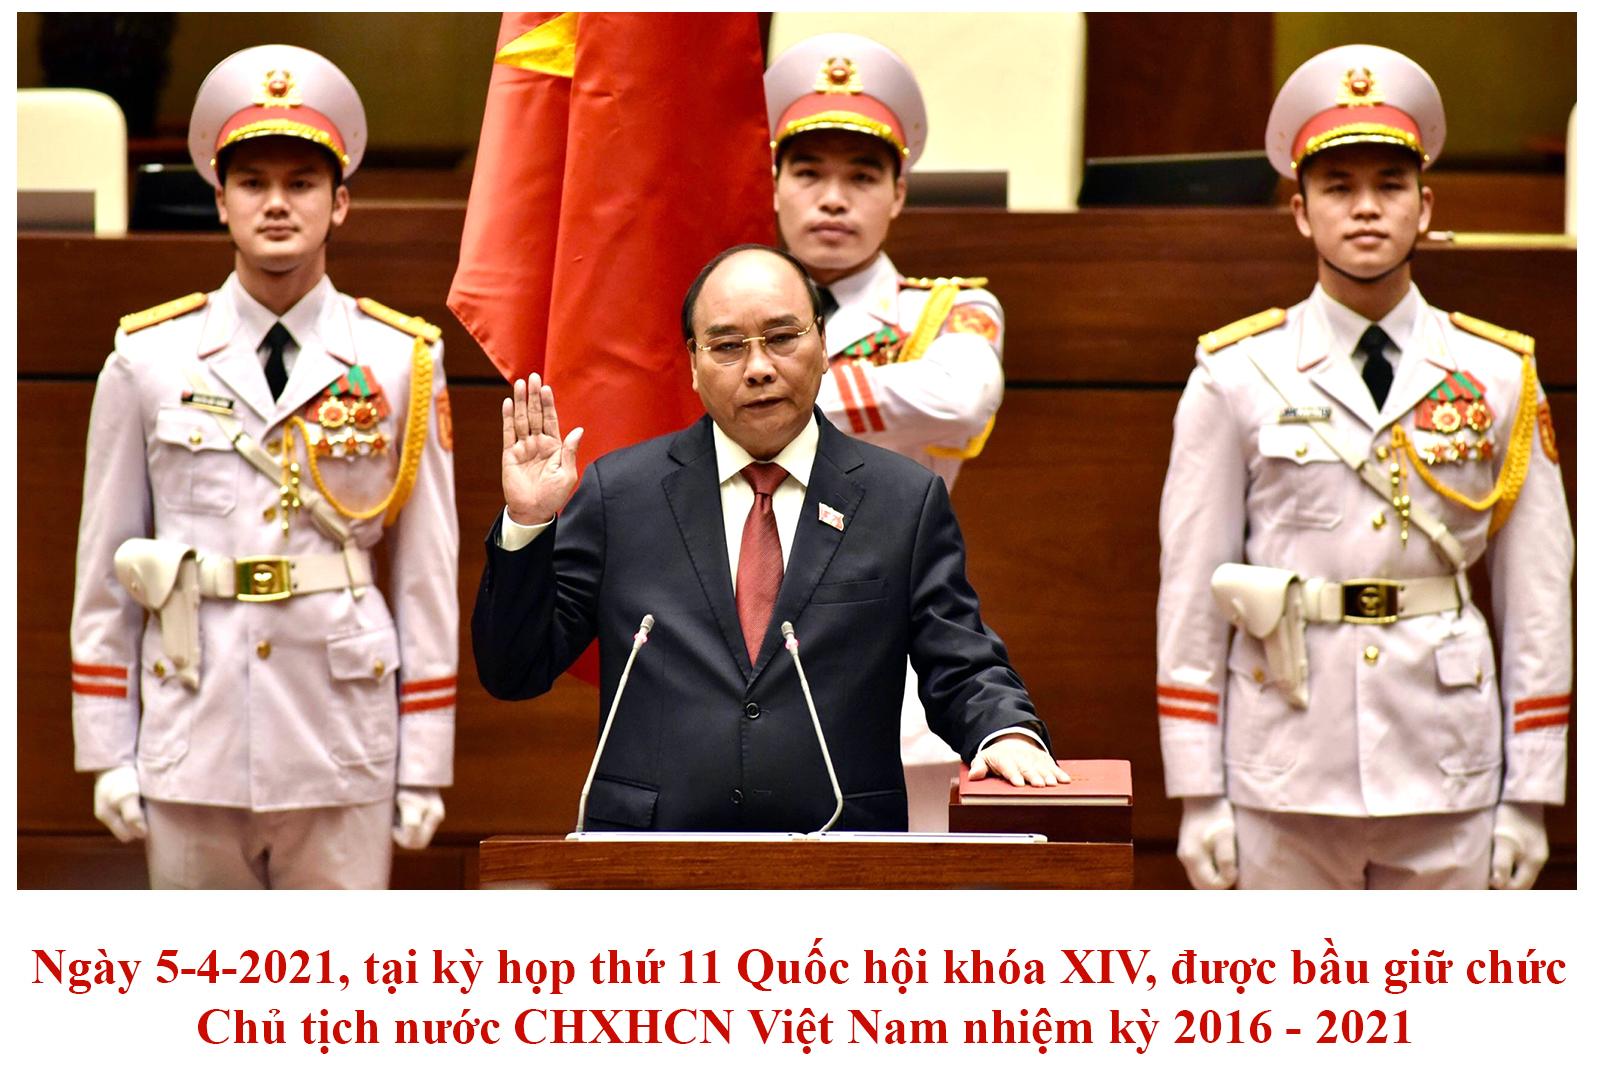 [Infographic] Chủ tịch nước Nguyễn Xuân Phúc -2